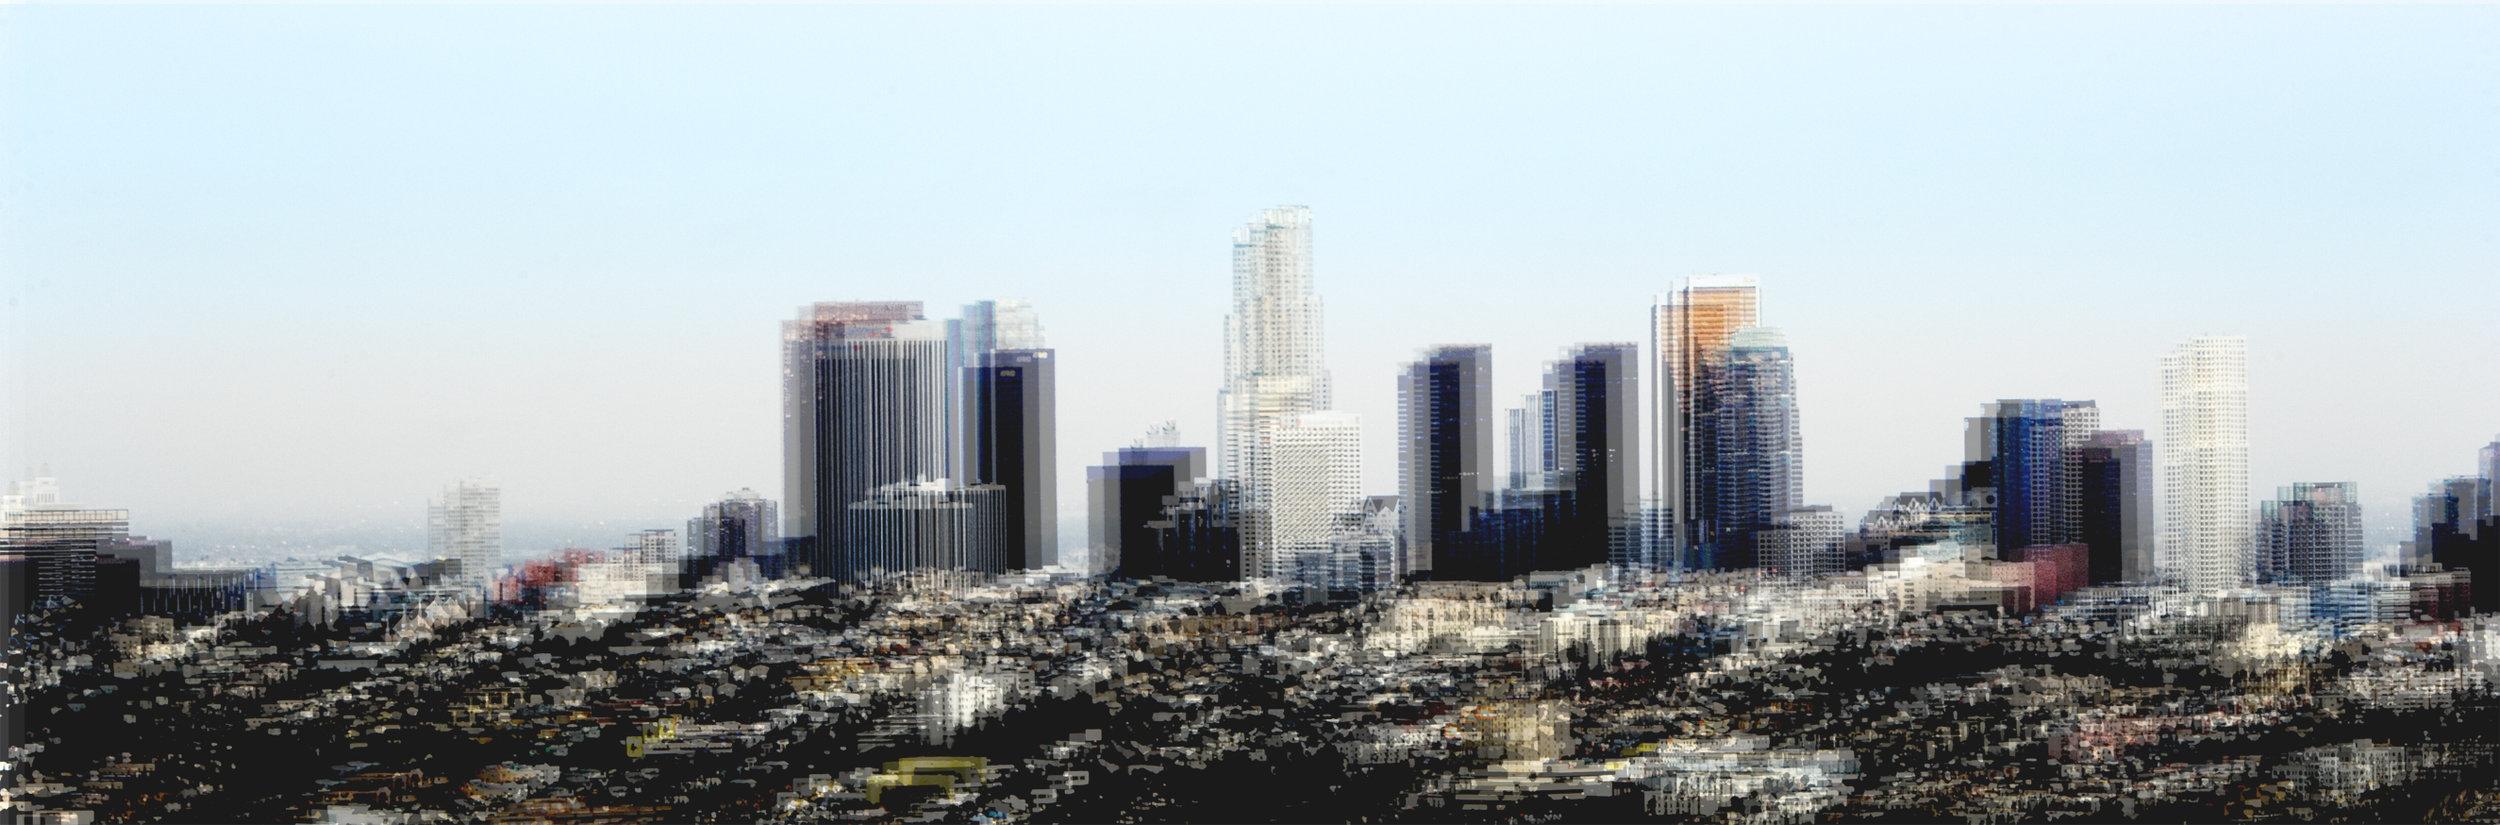 DTWON 3D_DETAIL.jpg